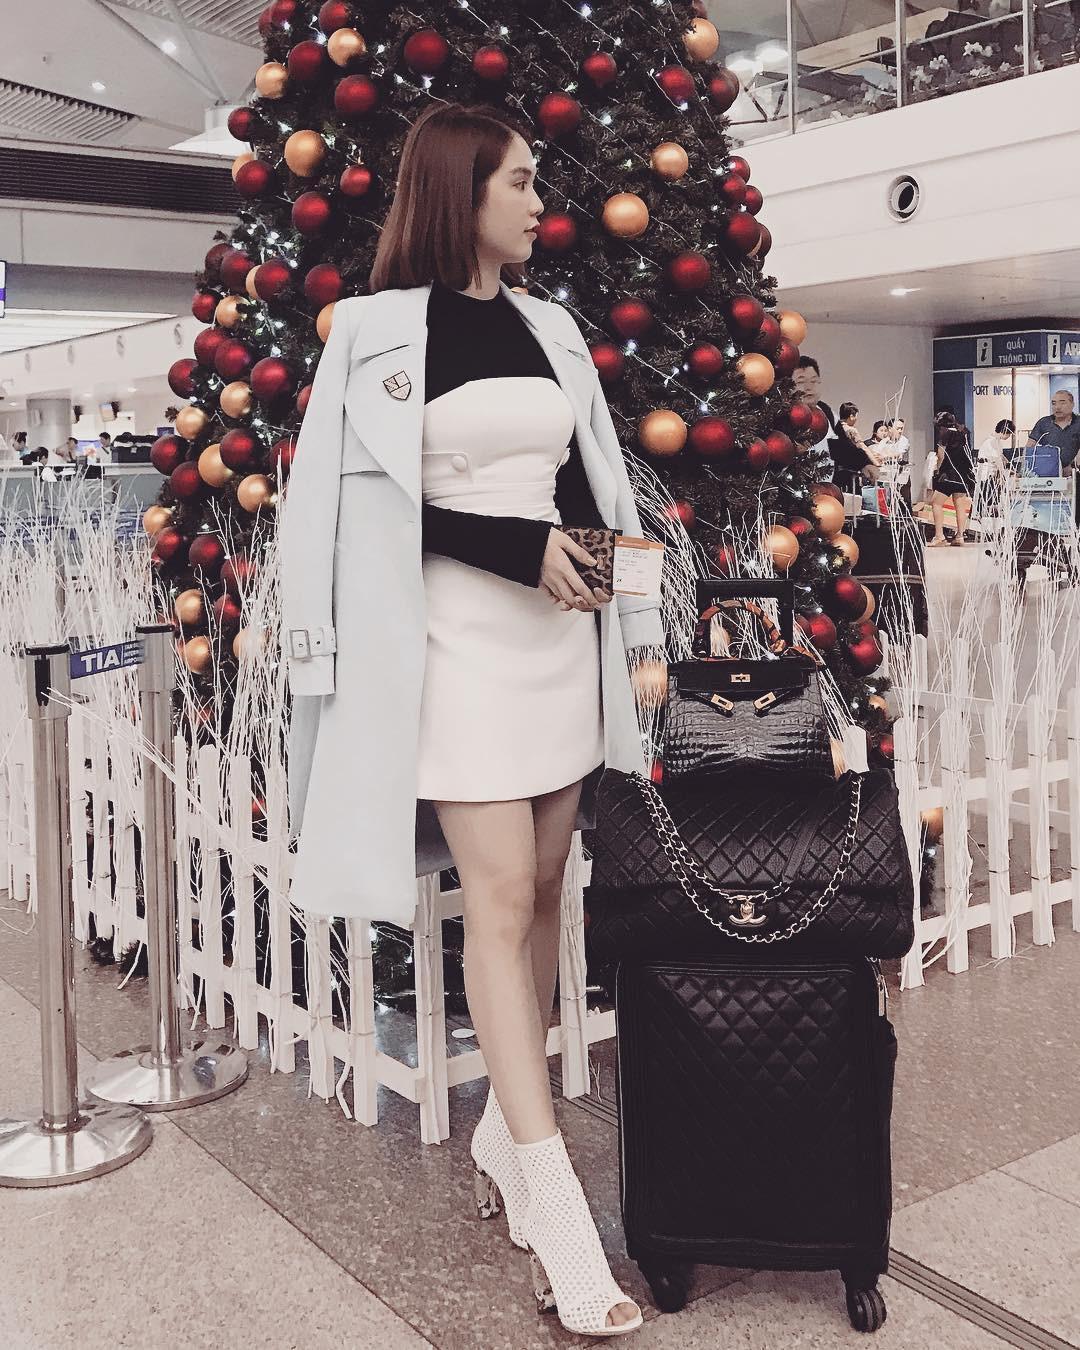 Có ai chịu chơi như Ngọc Trinh, sắm thêm vali Chanel cả trăm triệu dù đã có sẵn, chỉ khác màu 3